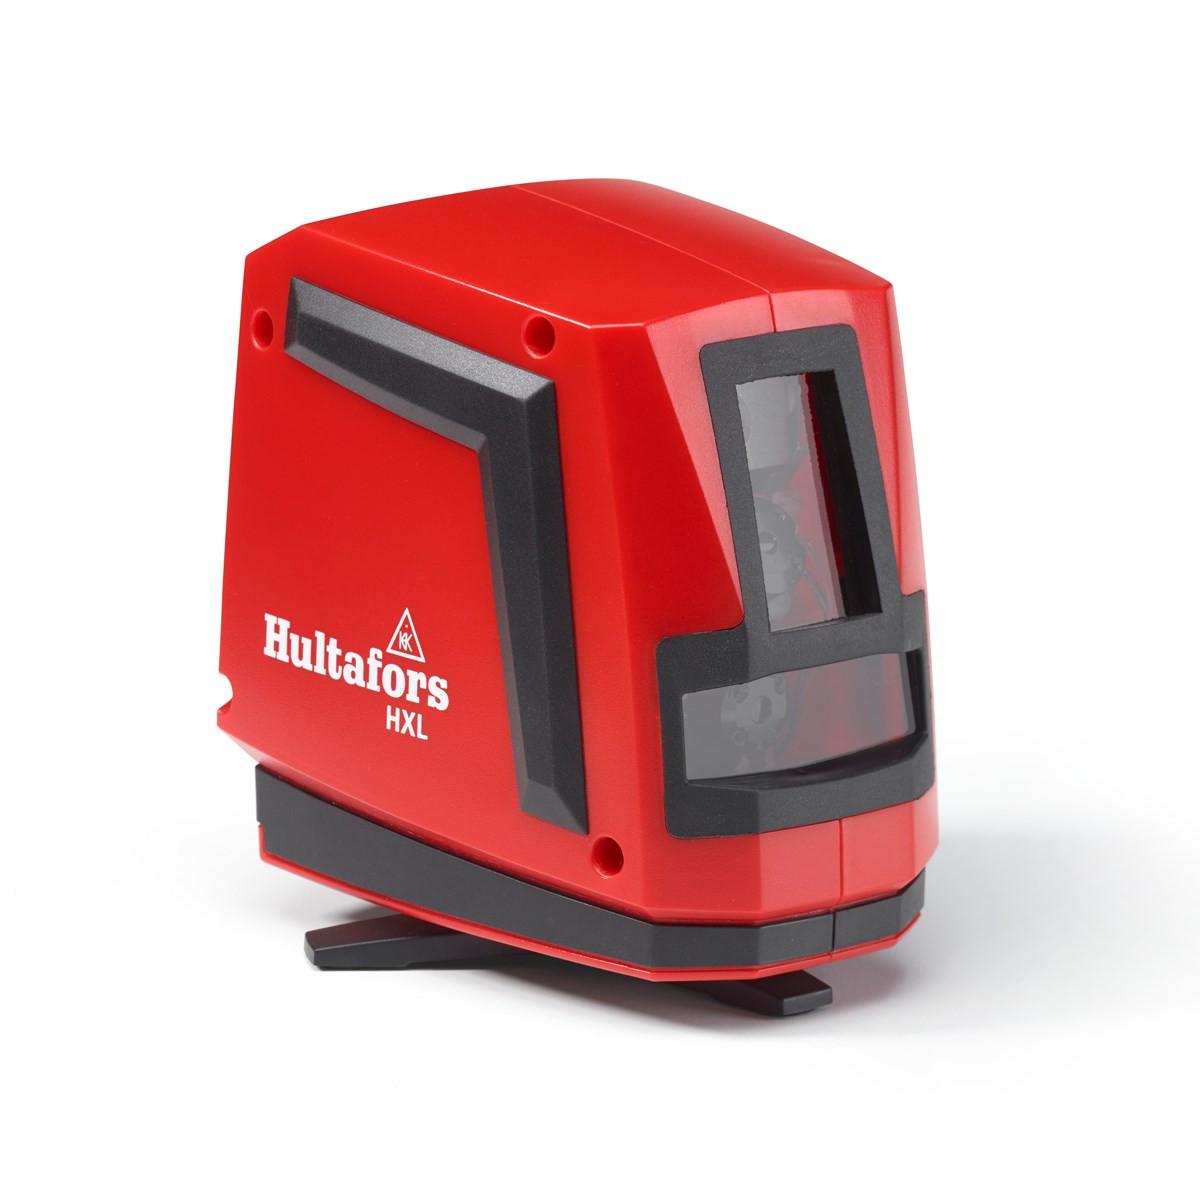 Hultafors krydslaser HXL - Værktøj -> Laser og måleinstrumenter -> Laser -> Krydslaser|Værktøj -> Laser og måleinstrumenter -> Laser -> Streglaser|Værktøj -> Laser og måleinstrumenter -> Laser|Værktøj -> Laser og måleinstrumenter|Mærker -> Hultafors -&